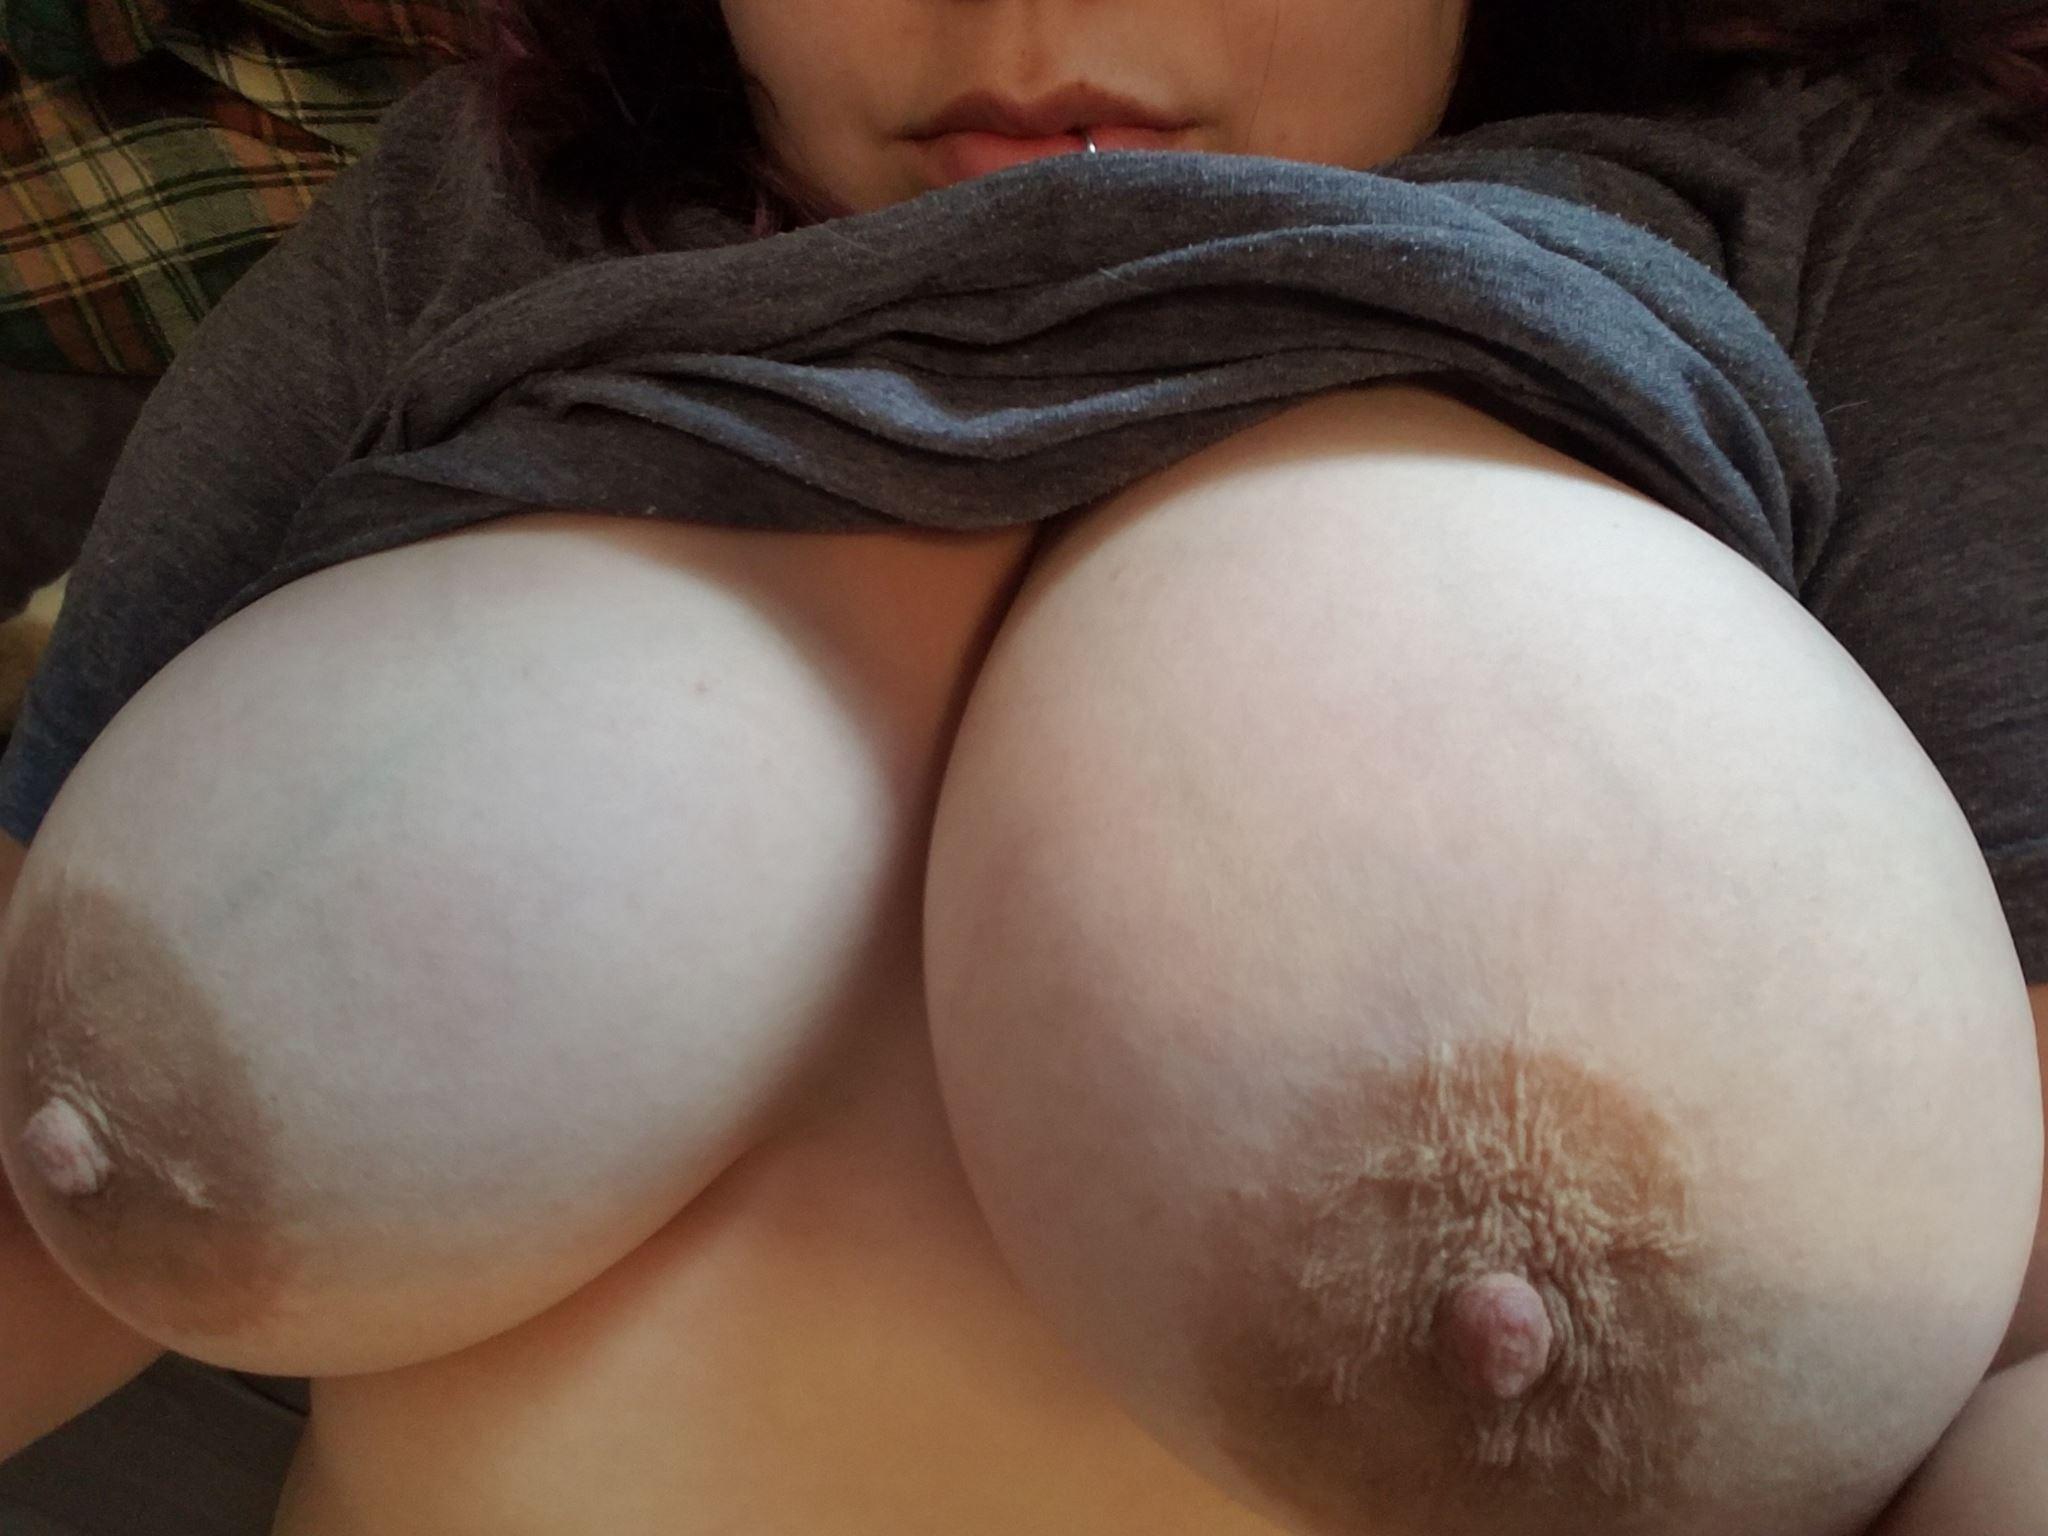 Подборка красивых сисек молодых девиц крупным планом - порно фото